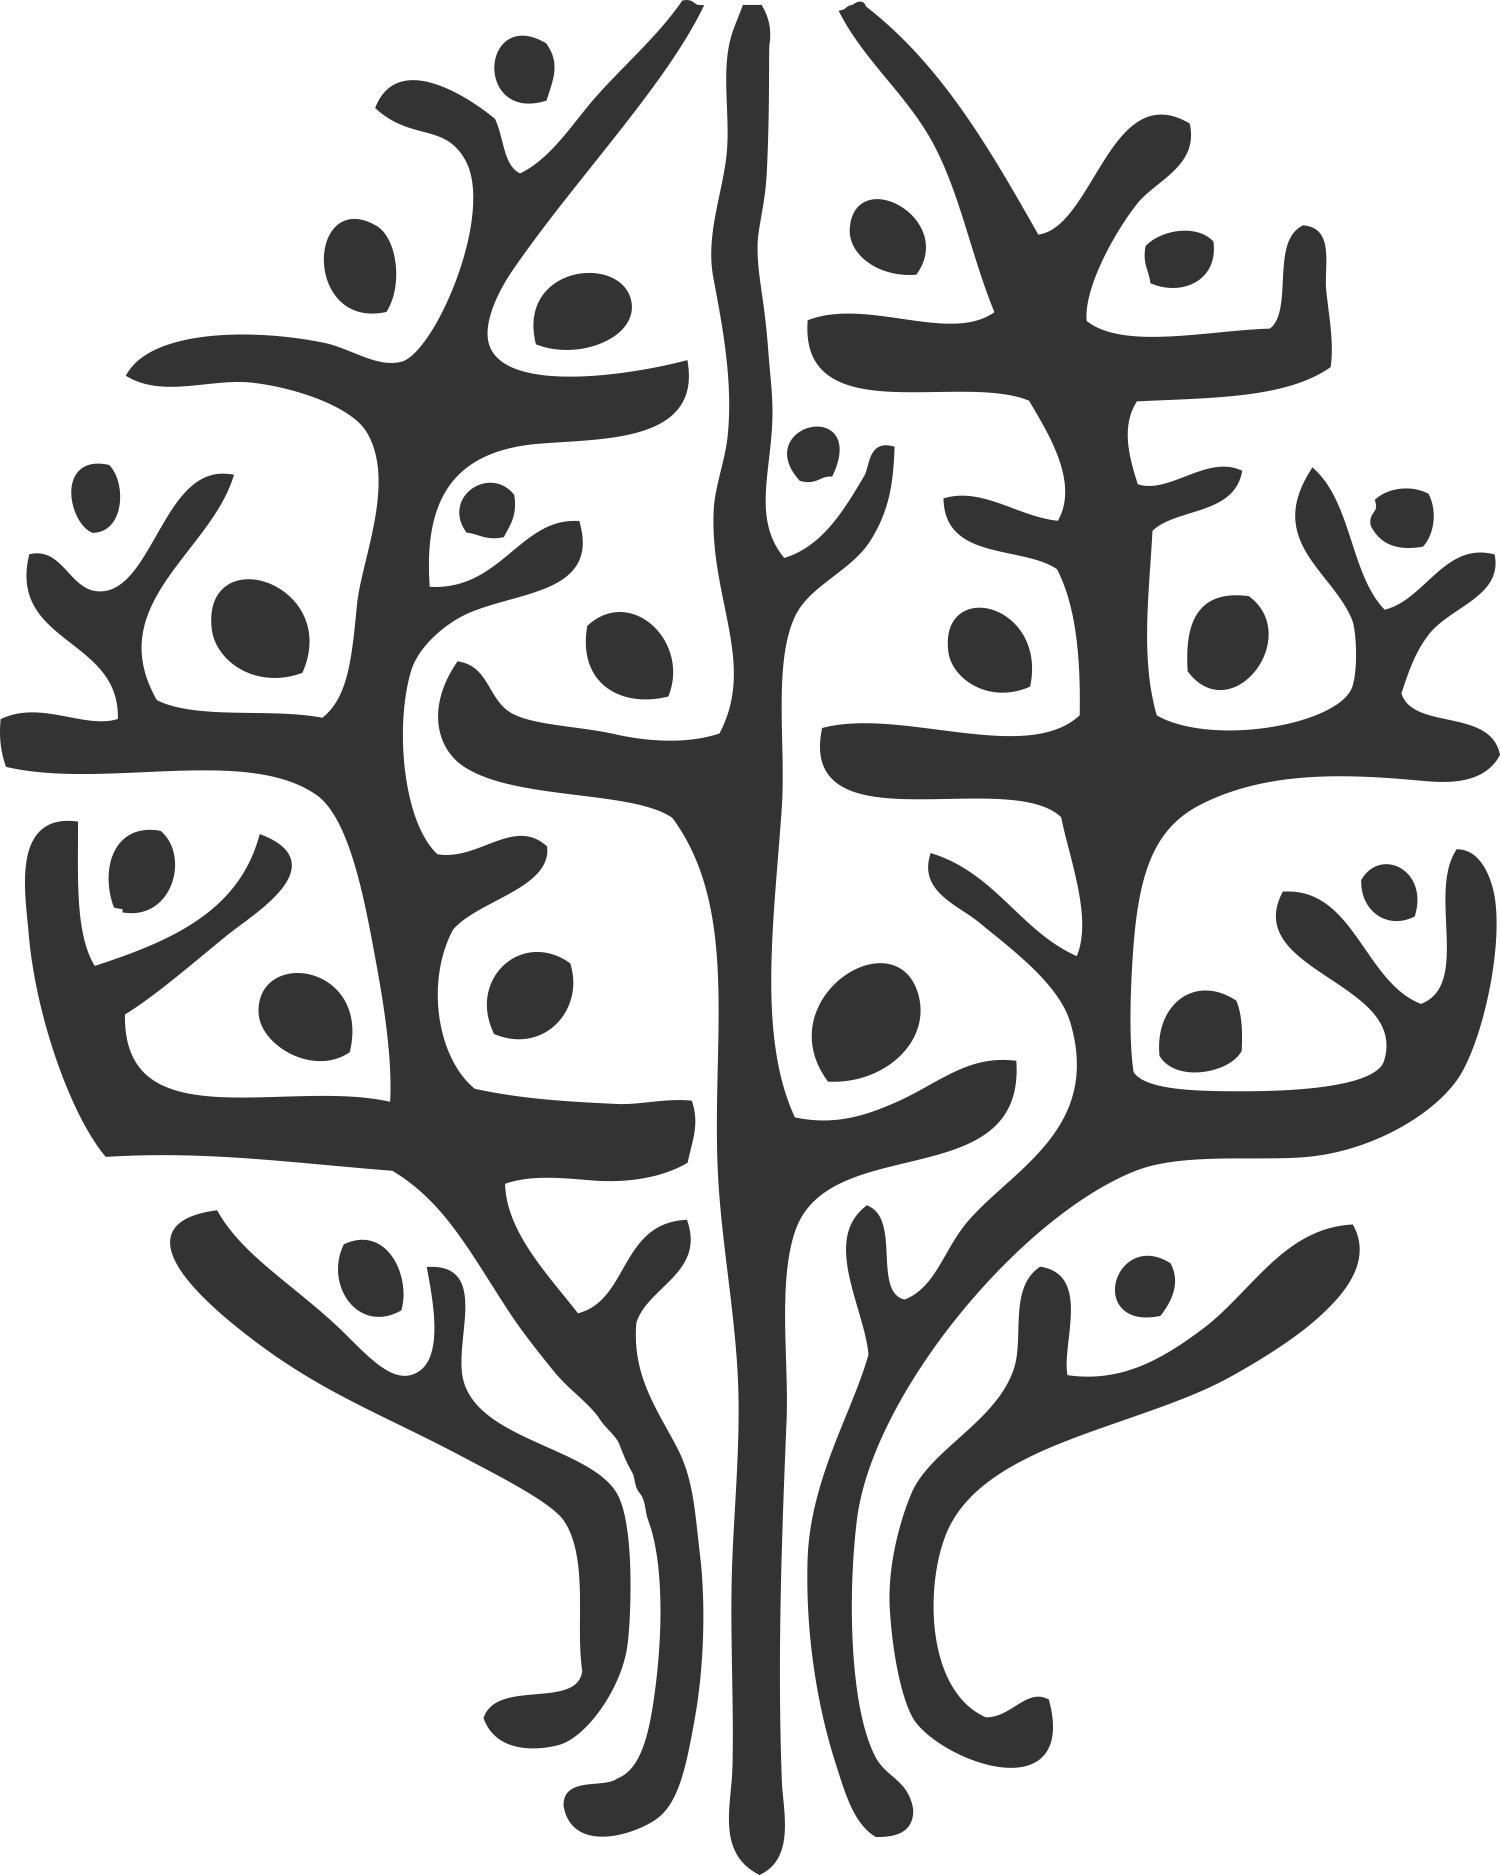 Nieuw Compassion Education Institute Handvest Voor Compassie